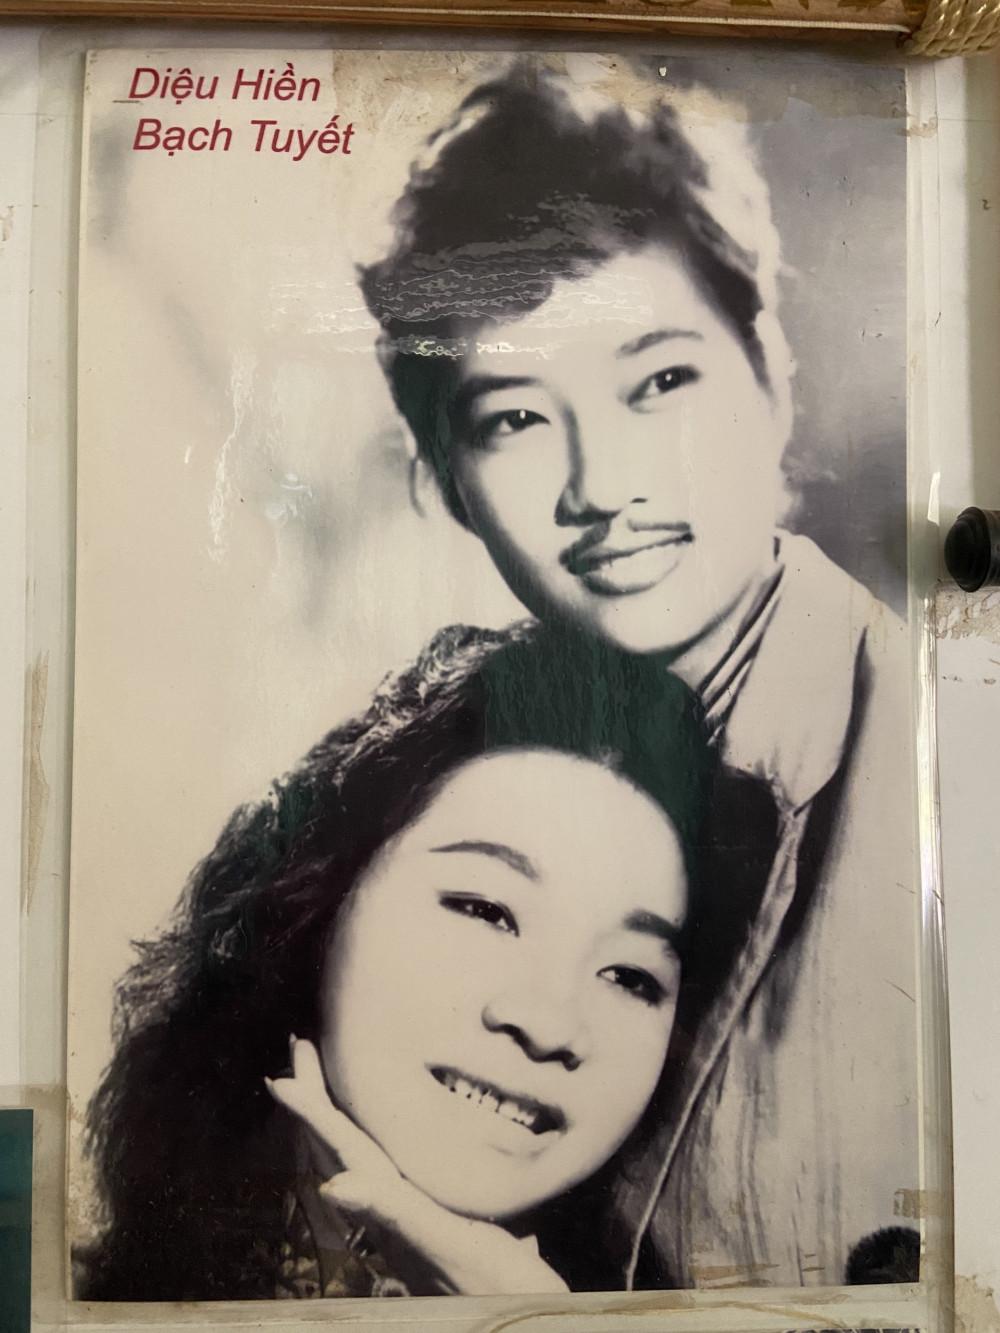 Bức ảnh chụp hai nữ nghệ sĩ thời trẻ vẫn còn được nghệ sĩ Diệu Hiền lưu giữ đến bây giờ